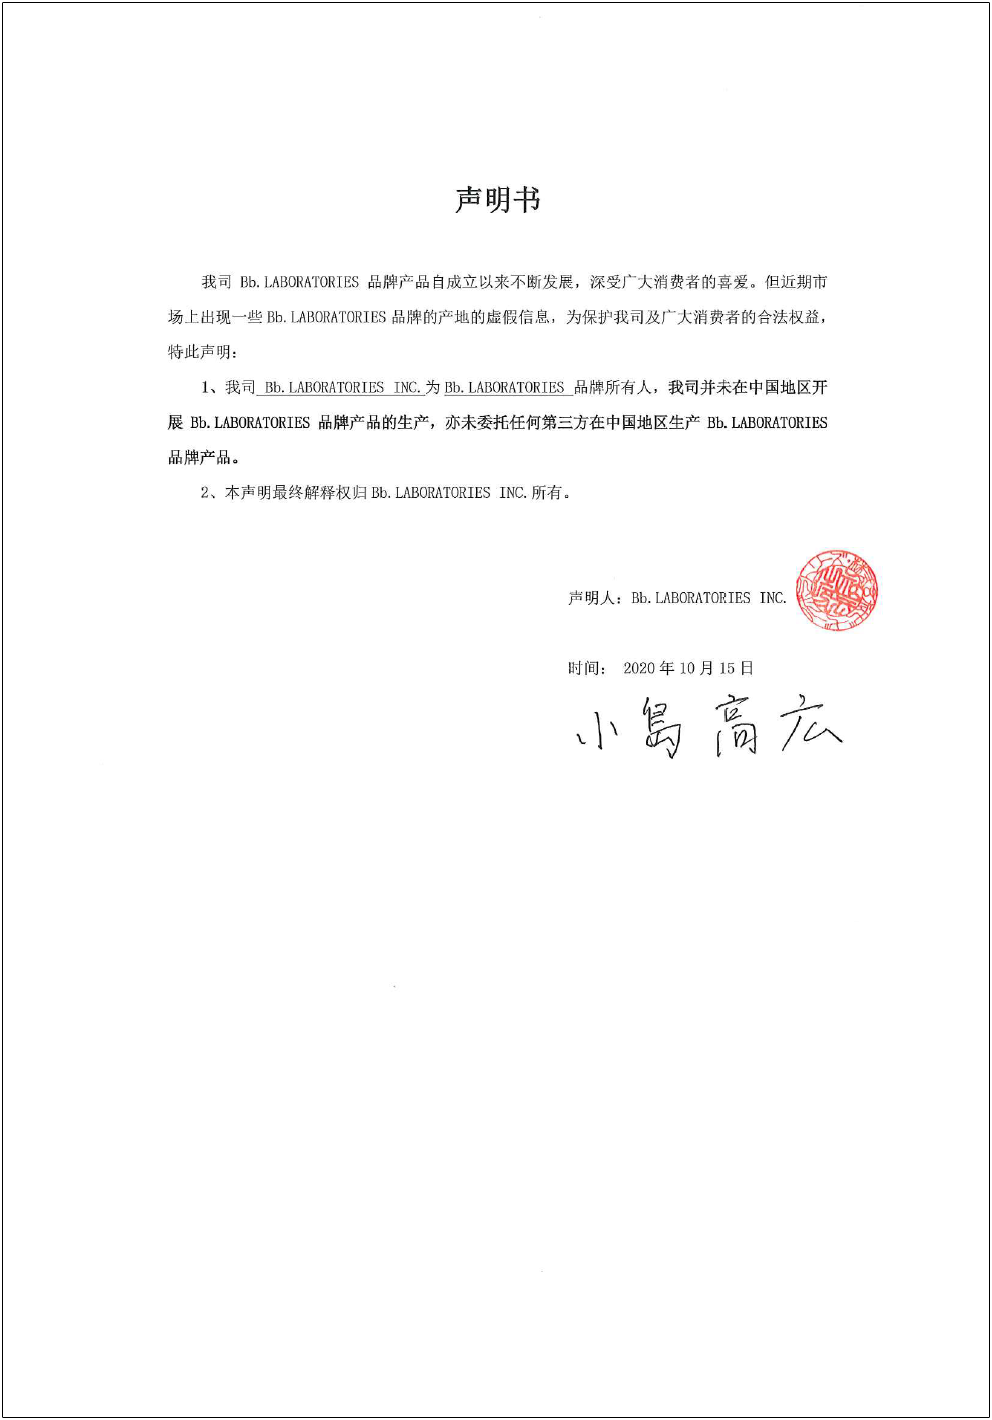 モイストクリームマスクPro.原産地に関する声明文_中文